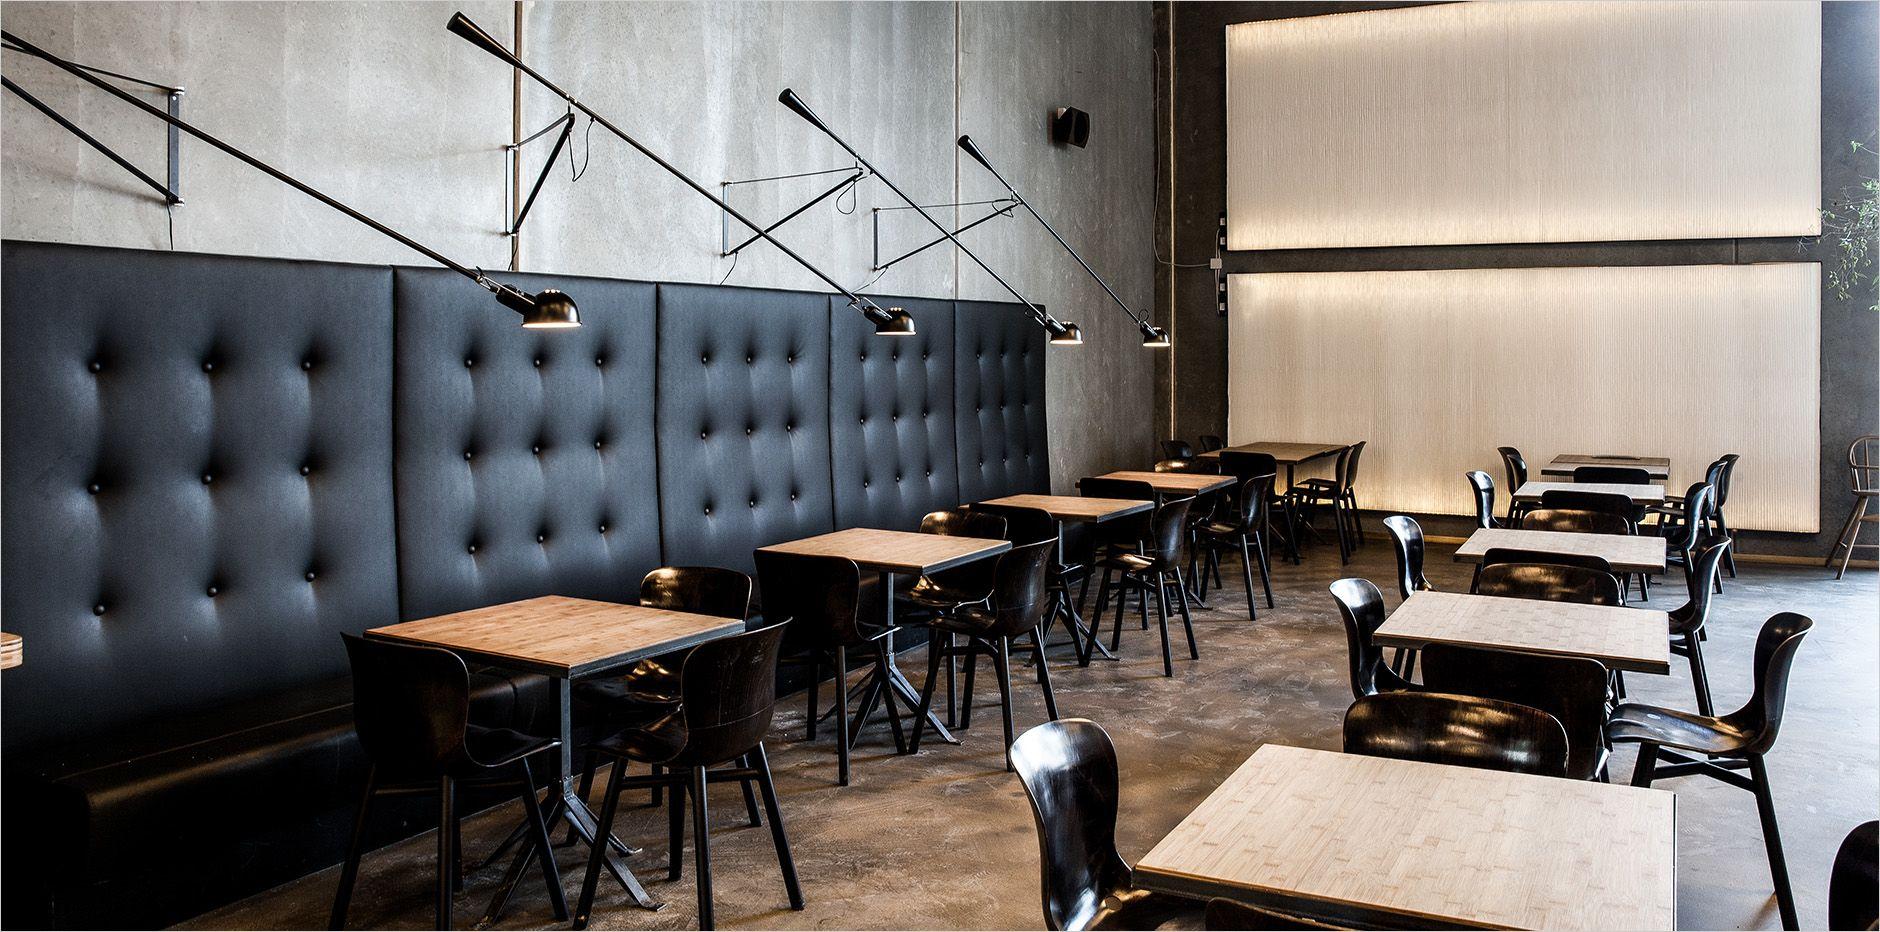 cafe indretning Farumhus in Herlev Interior design, indretning, decor, bakery  cafe indretning